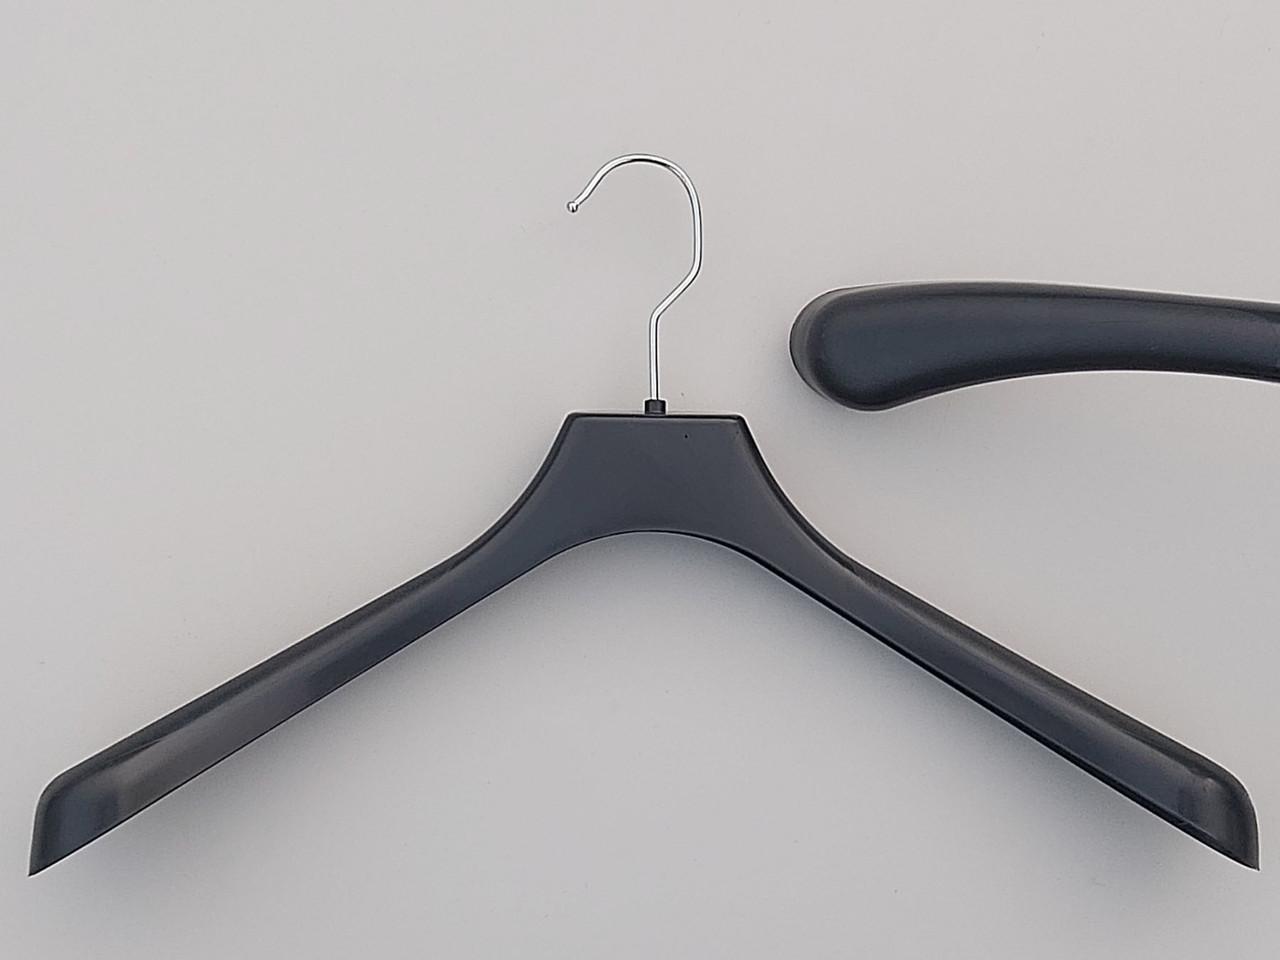 Плечики пластмассовые  продается лотом  10 штук  по 10 грн, черного цвета, длина 42 см